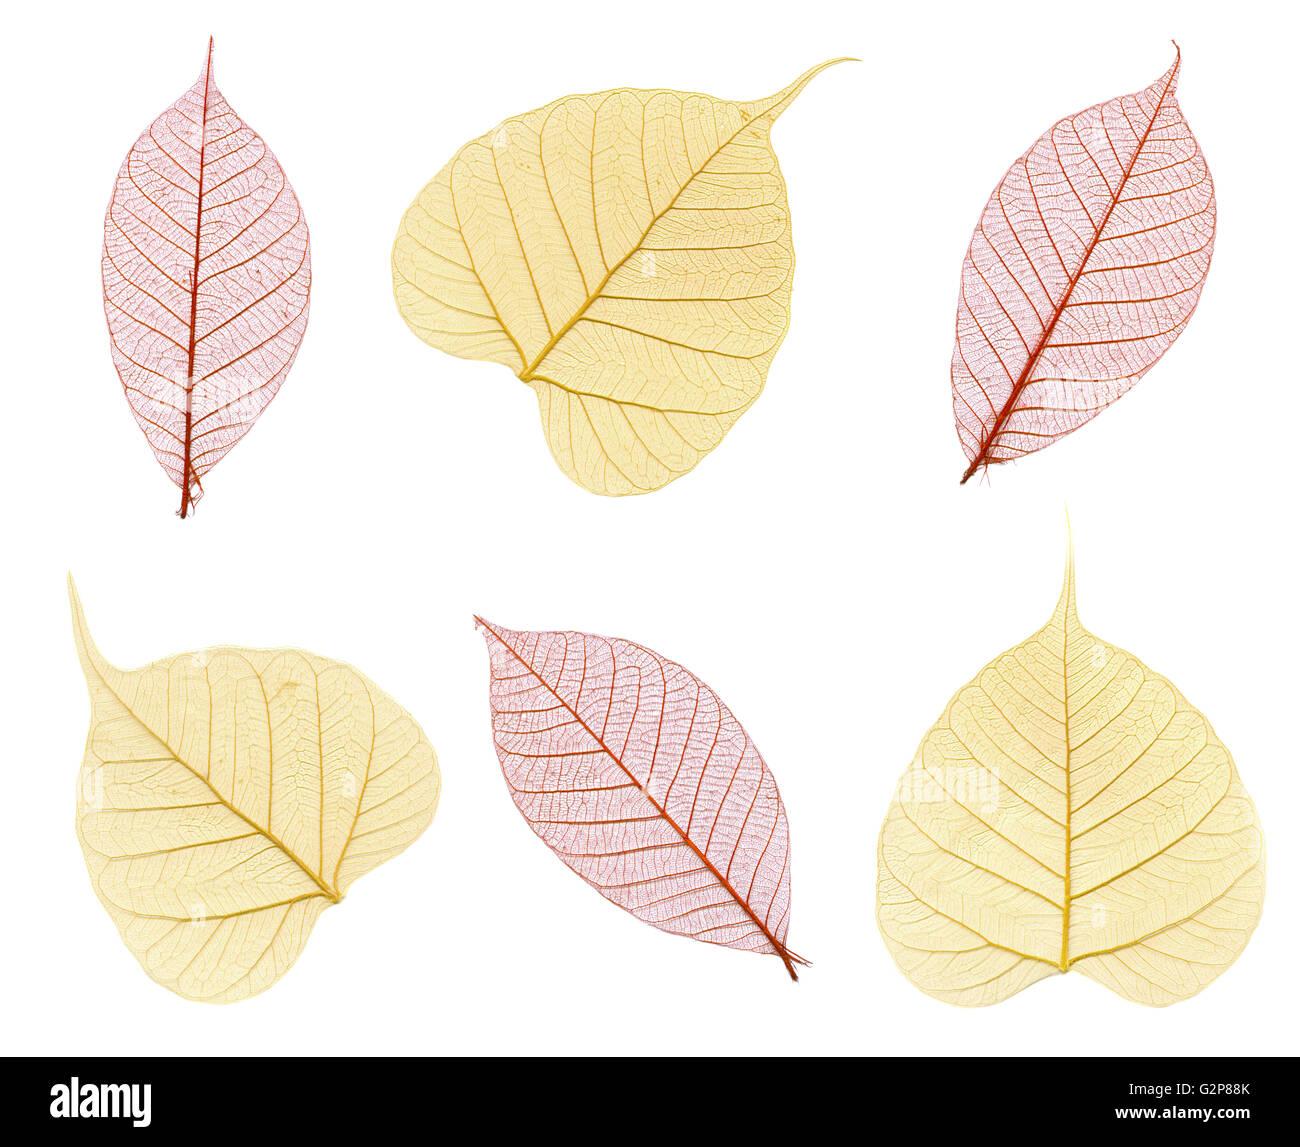 Sei scheletri di foglie di autunno in marrone e beige isolato su bianco Immagini Stock